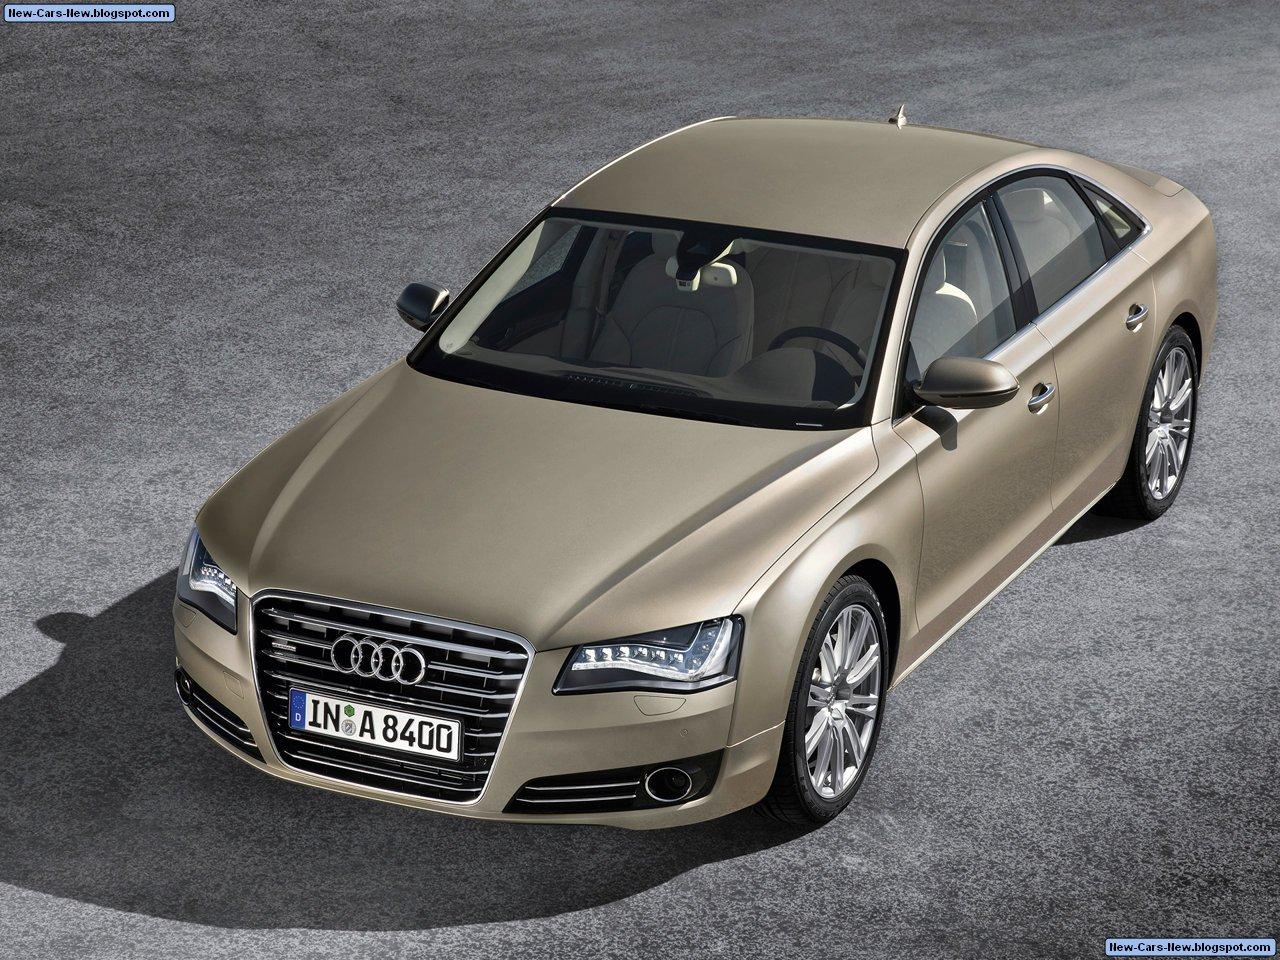 http://4.bp.blogspot.com/_U4w592tUDHM/TCMUlvWQFvI/AAAAAAAADQ4/8CE_K5rfERI/s1600/Audi-A8_2011_1280x960_wallpaper_02.jpg